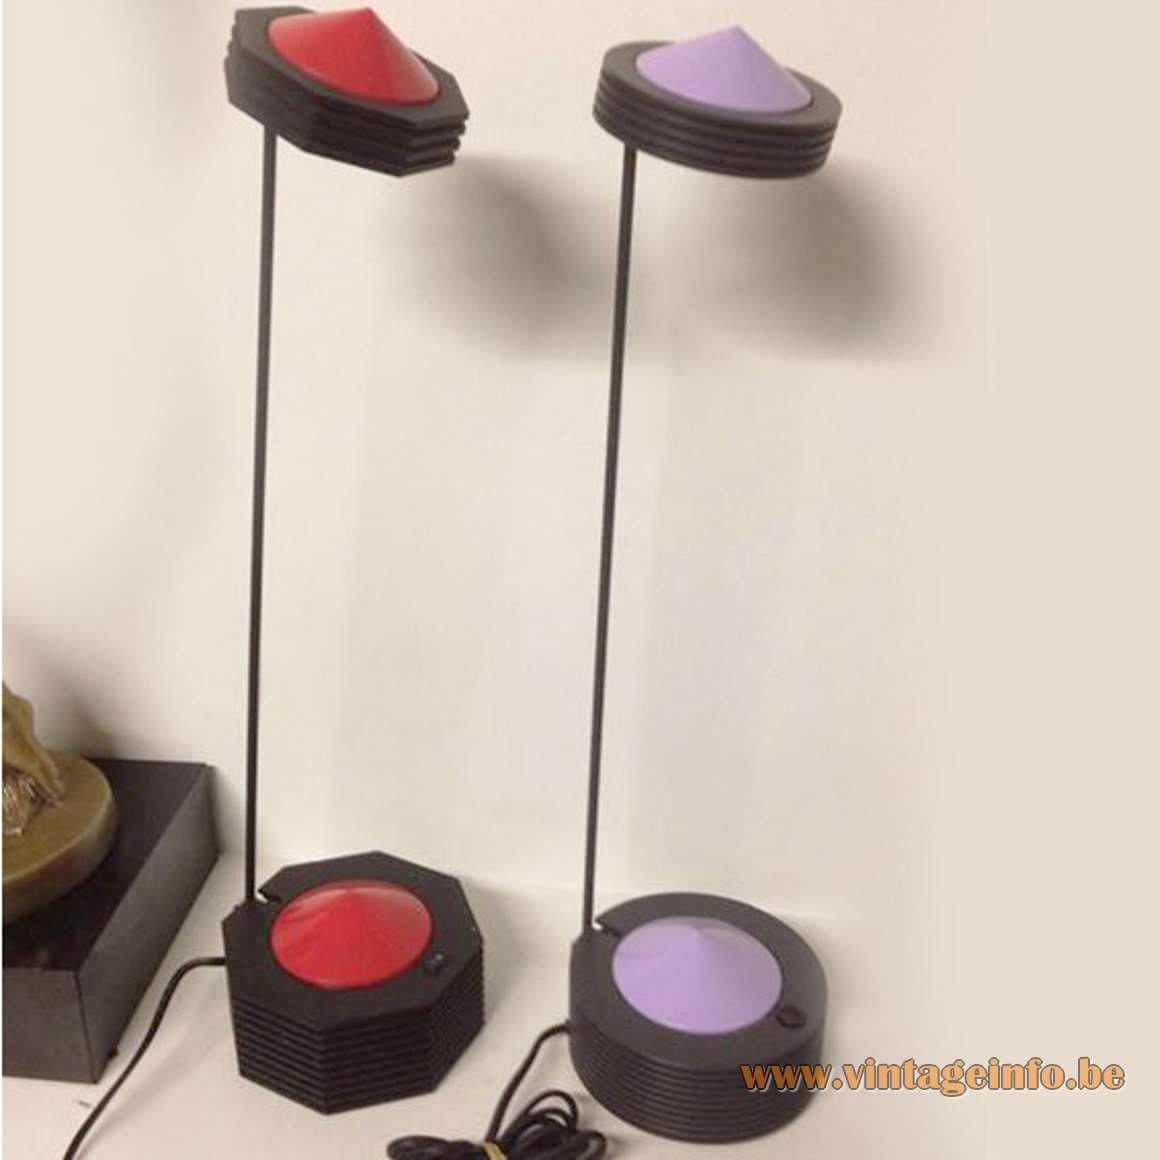 E Lite Lugano Desk Lamps - Red and Purple